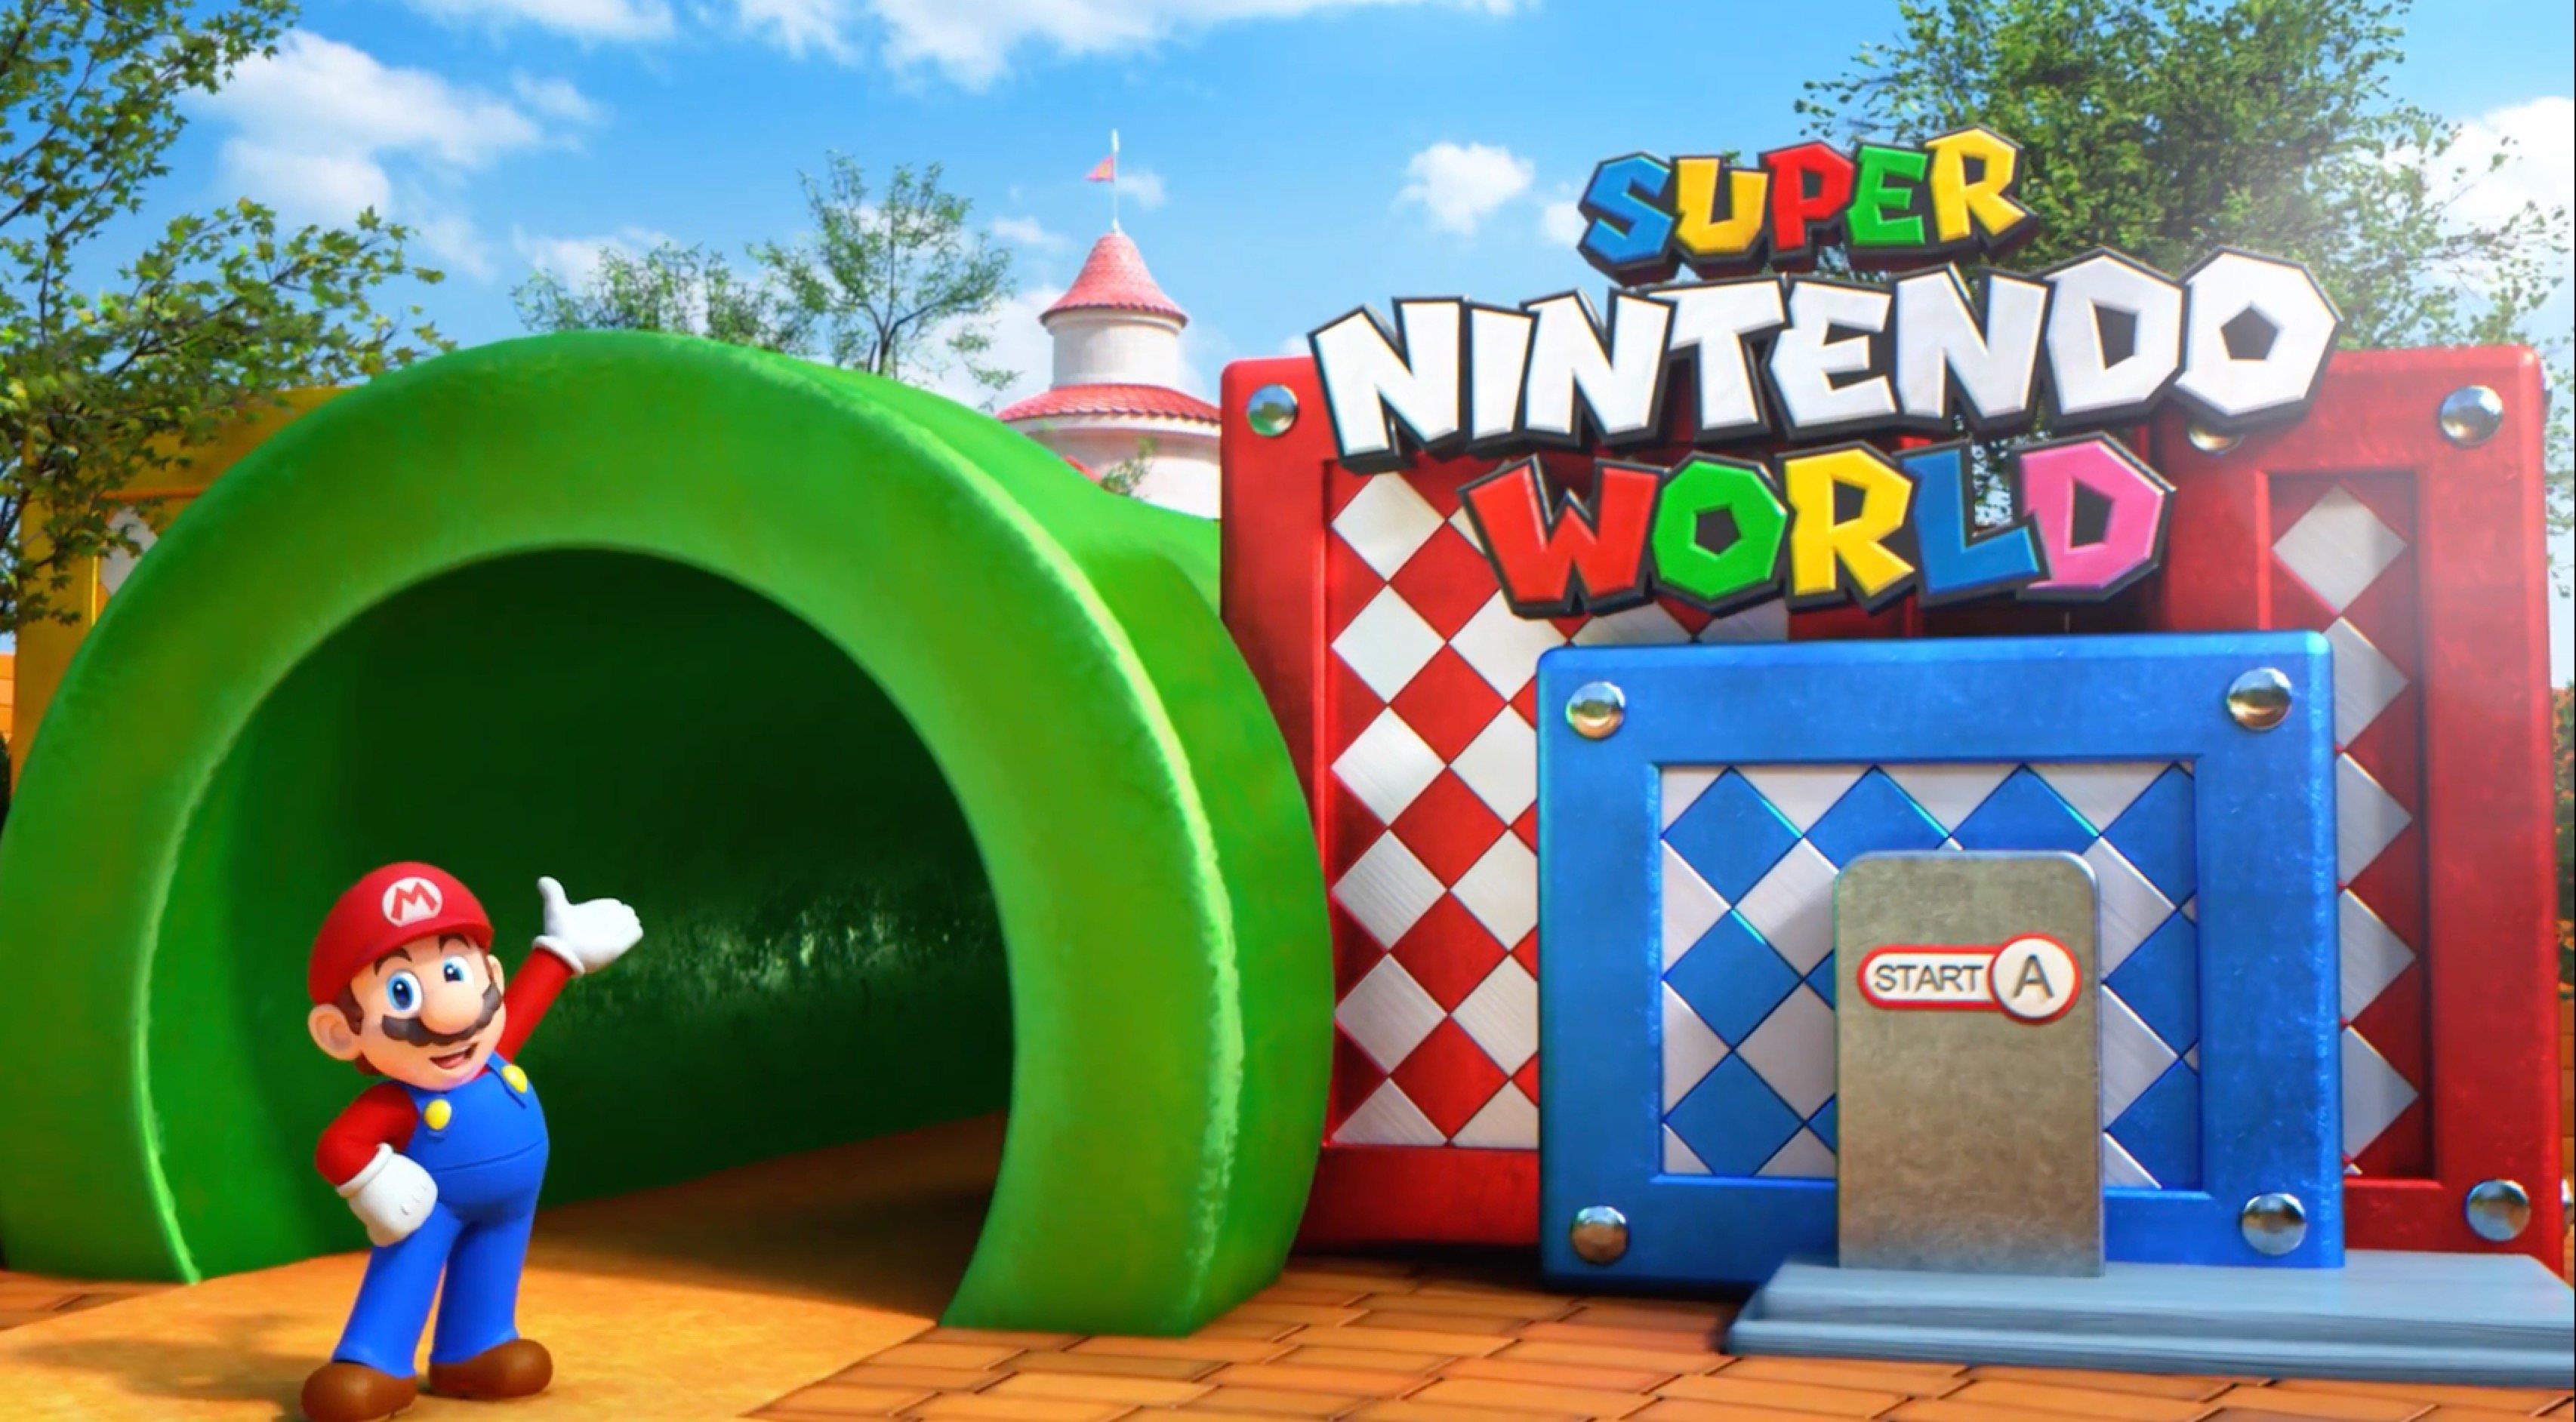 Il possibile ingresso al parco divertimenti Super Nintendo World